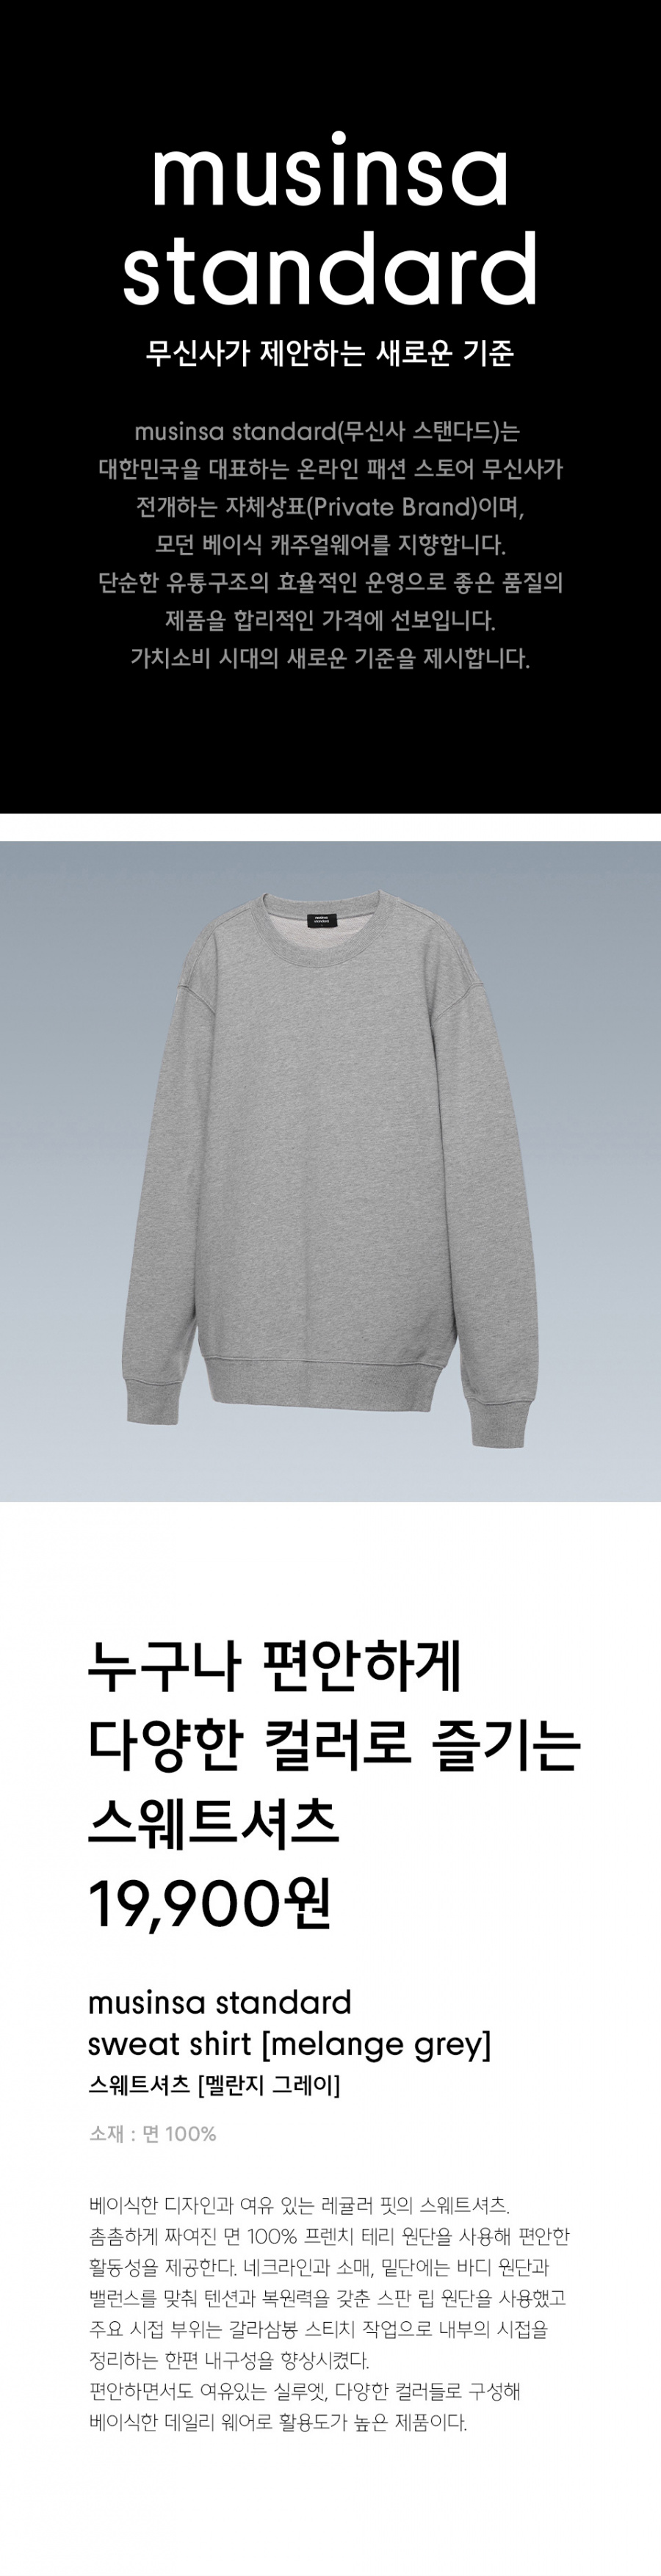 무신사 스탠다드(MUSINSA STANDARD) 스웨트 셔츠 [멜란지 그레이]